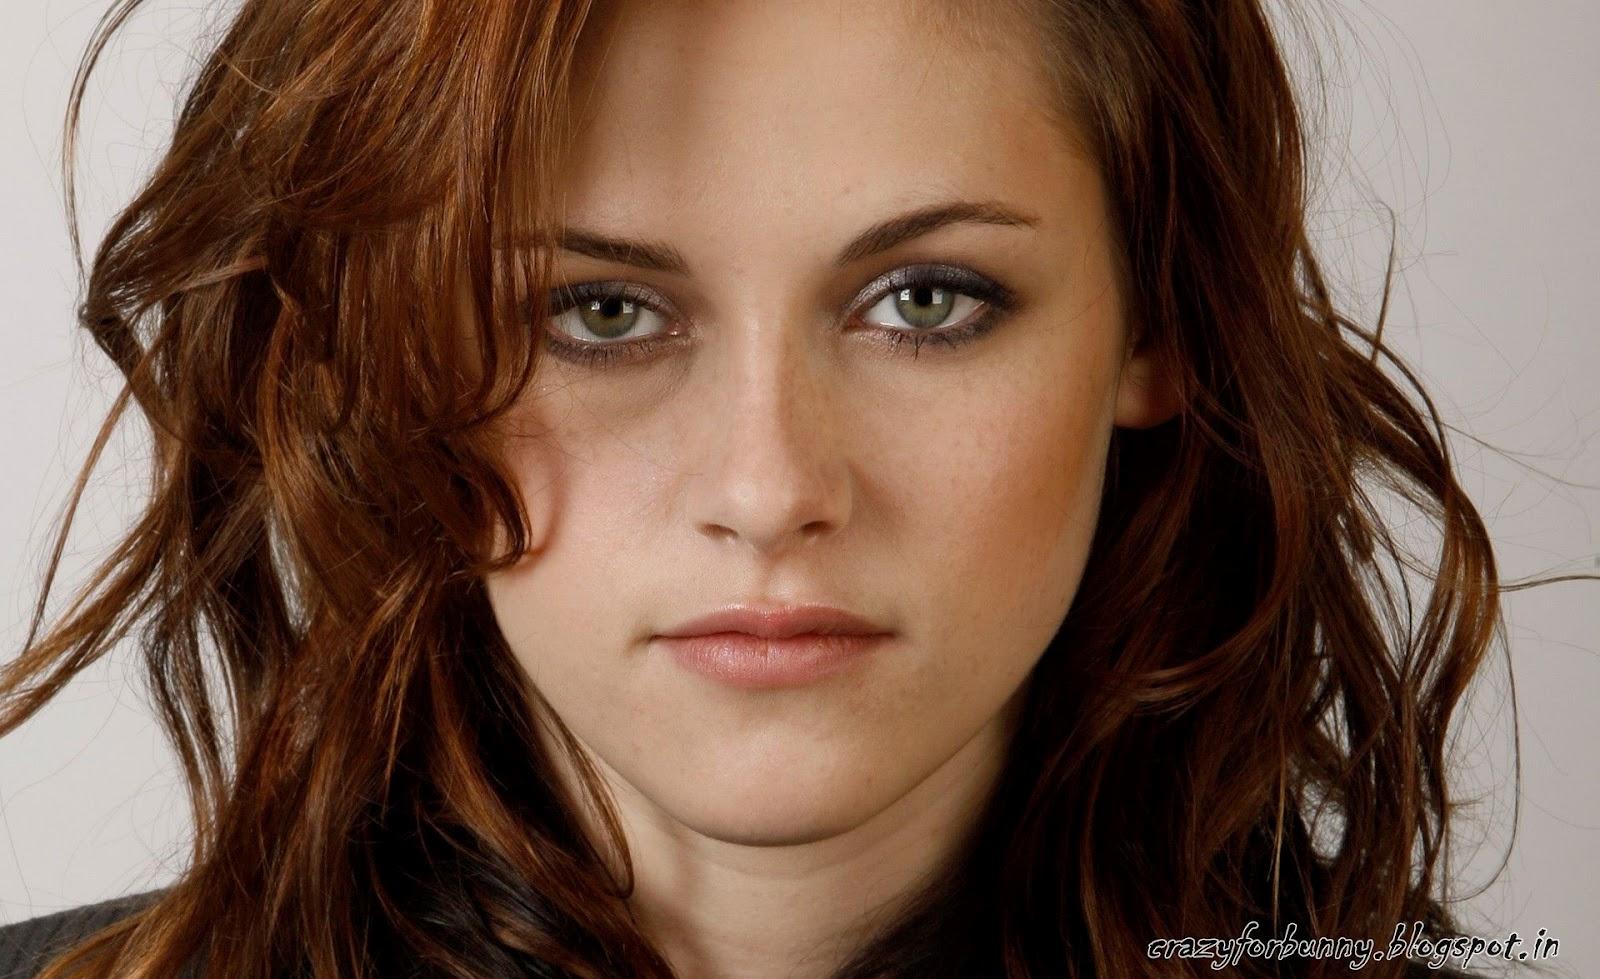 http://1.bp.blogspot.com/-brXsNvmDtHM/T41ovFSzA7I/AAAAAAAACYc/YV3eeGTGlt4/s1600/Kristen+Stewart+(16).jpg